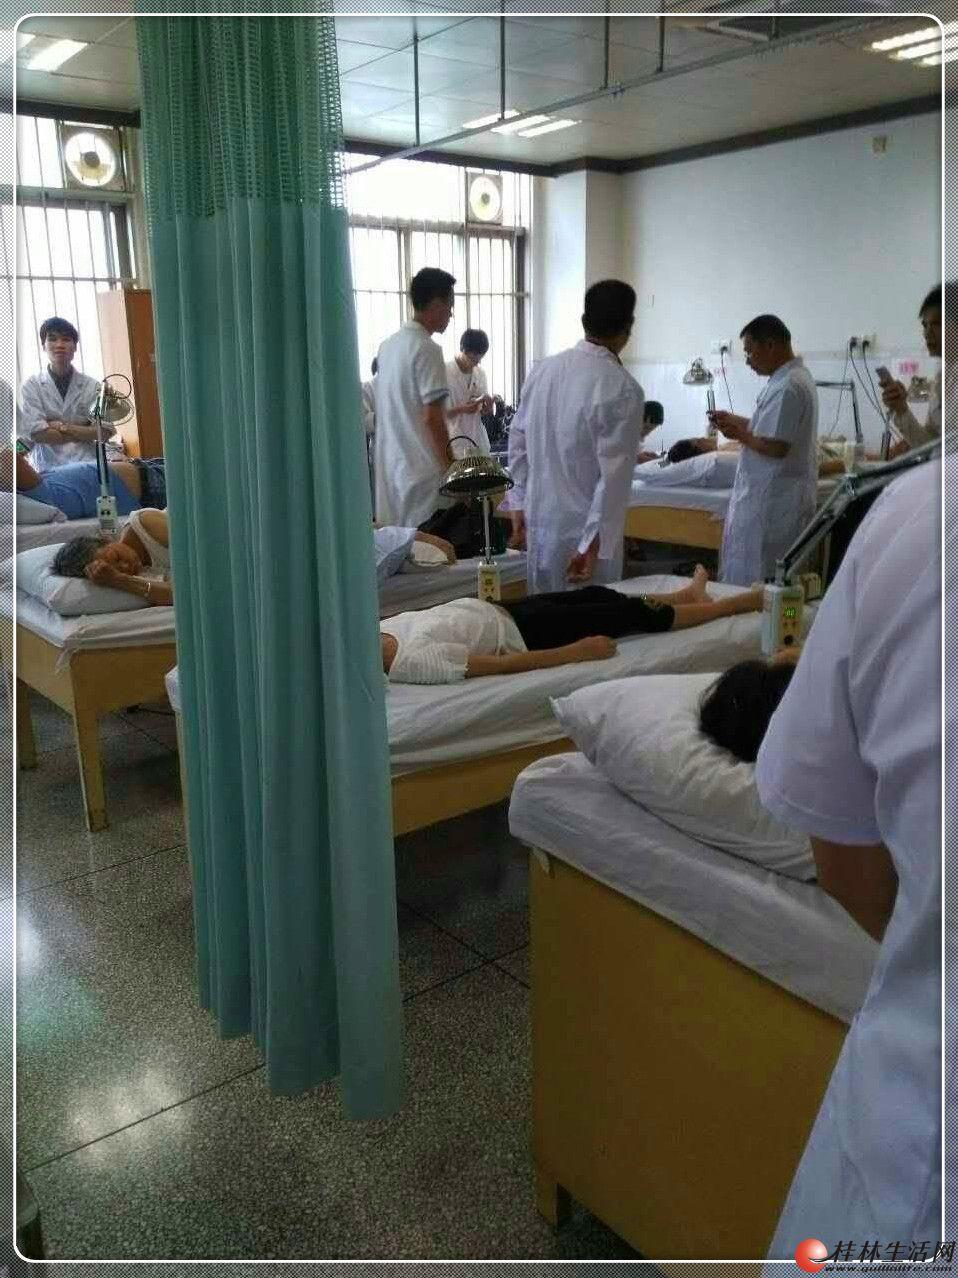 桂林针灸培训学校桂林哪里学针灸最好针灸技能培训资深专家一对一授课